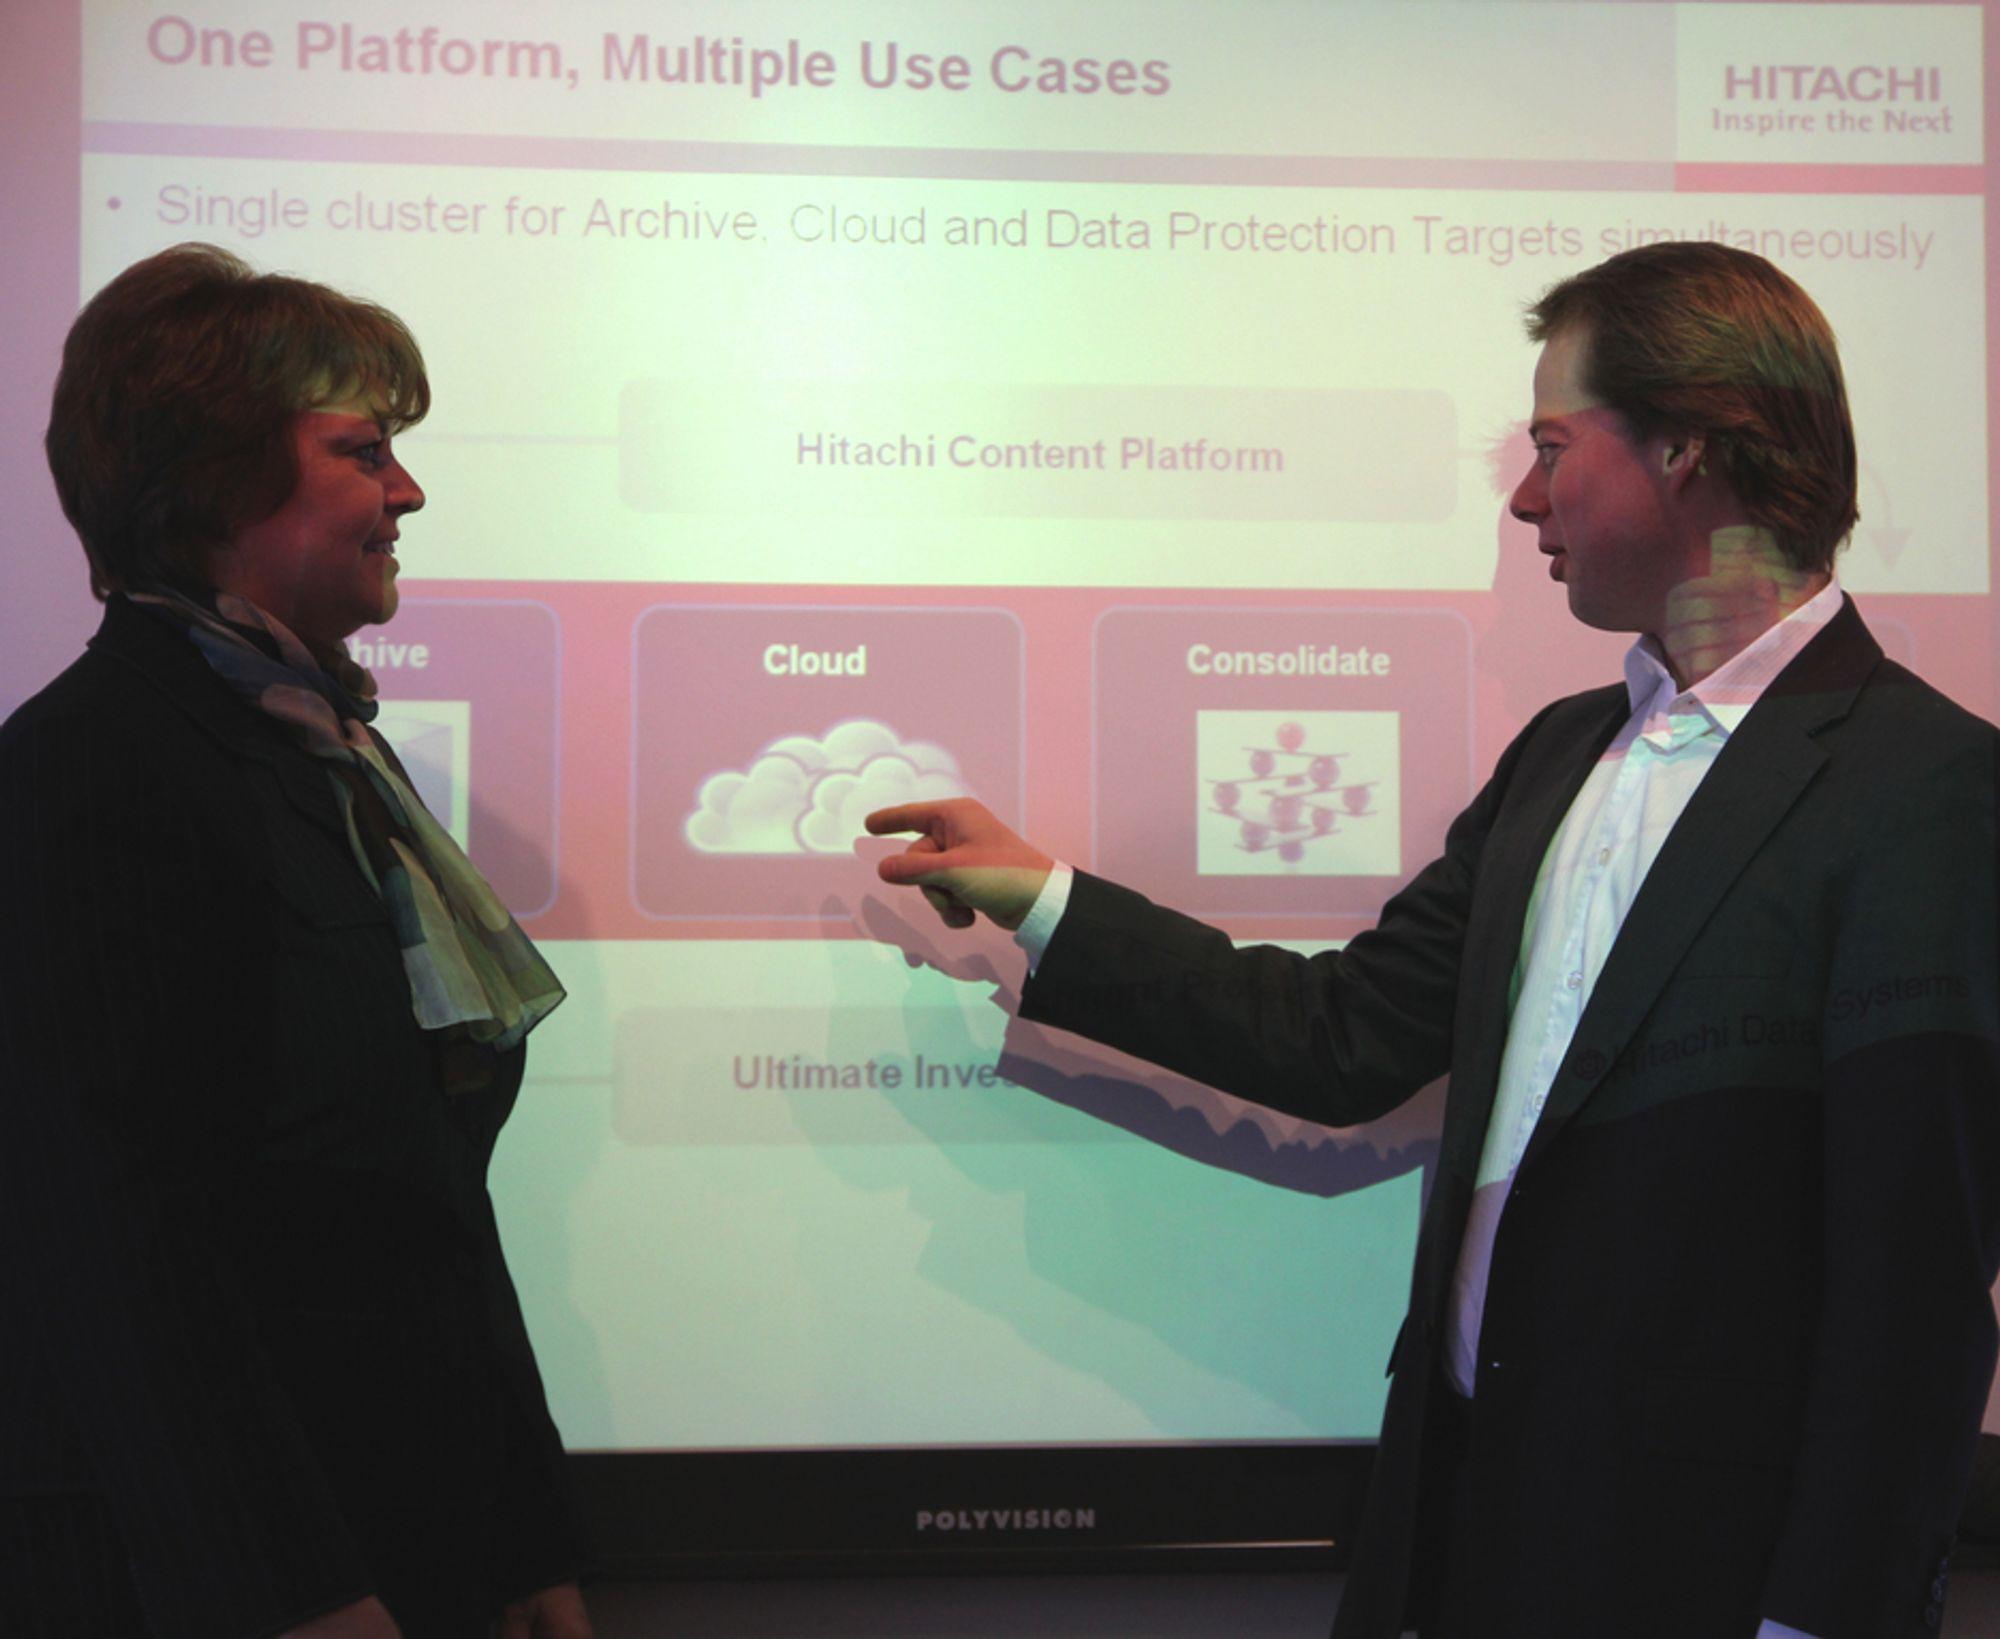 BILLIGERE LAGRING: HDS Europasjef for programvare, Lynn Collier og Norgesjef Rune Sund lanserer programvare som reduserer lagringskostnader.